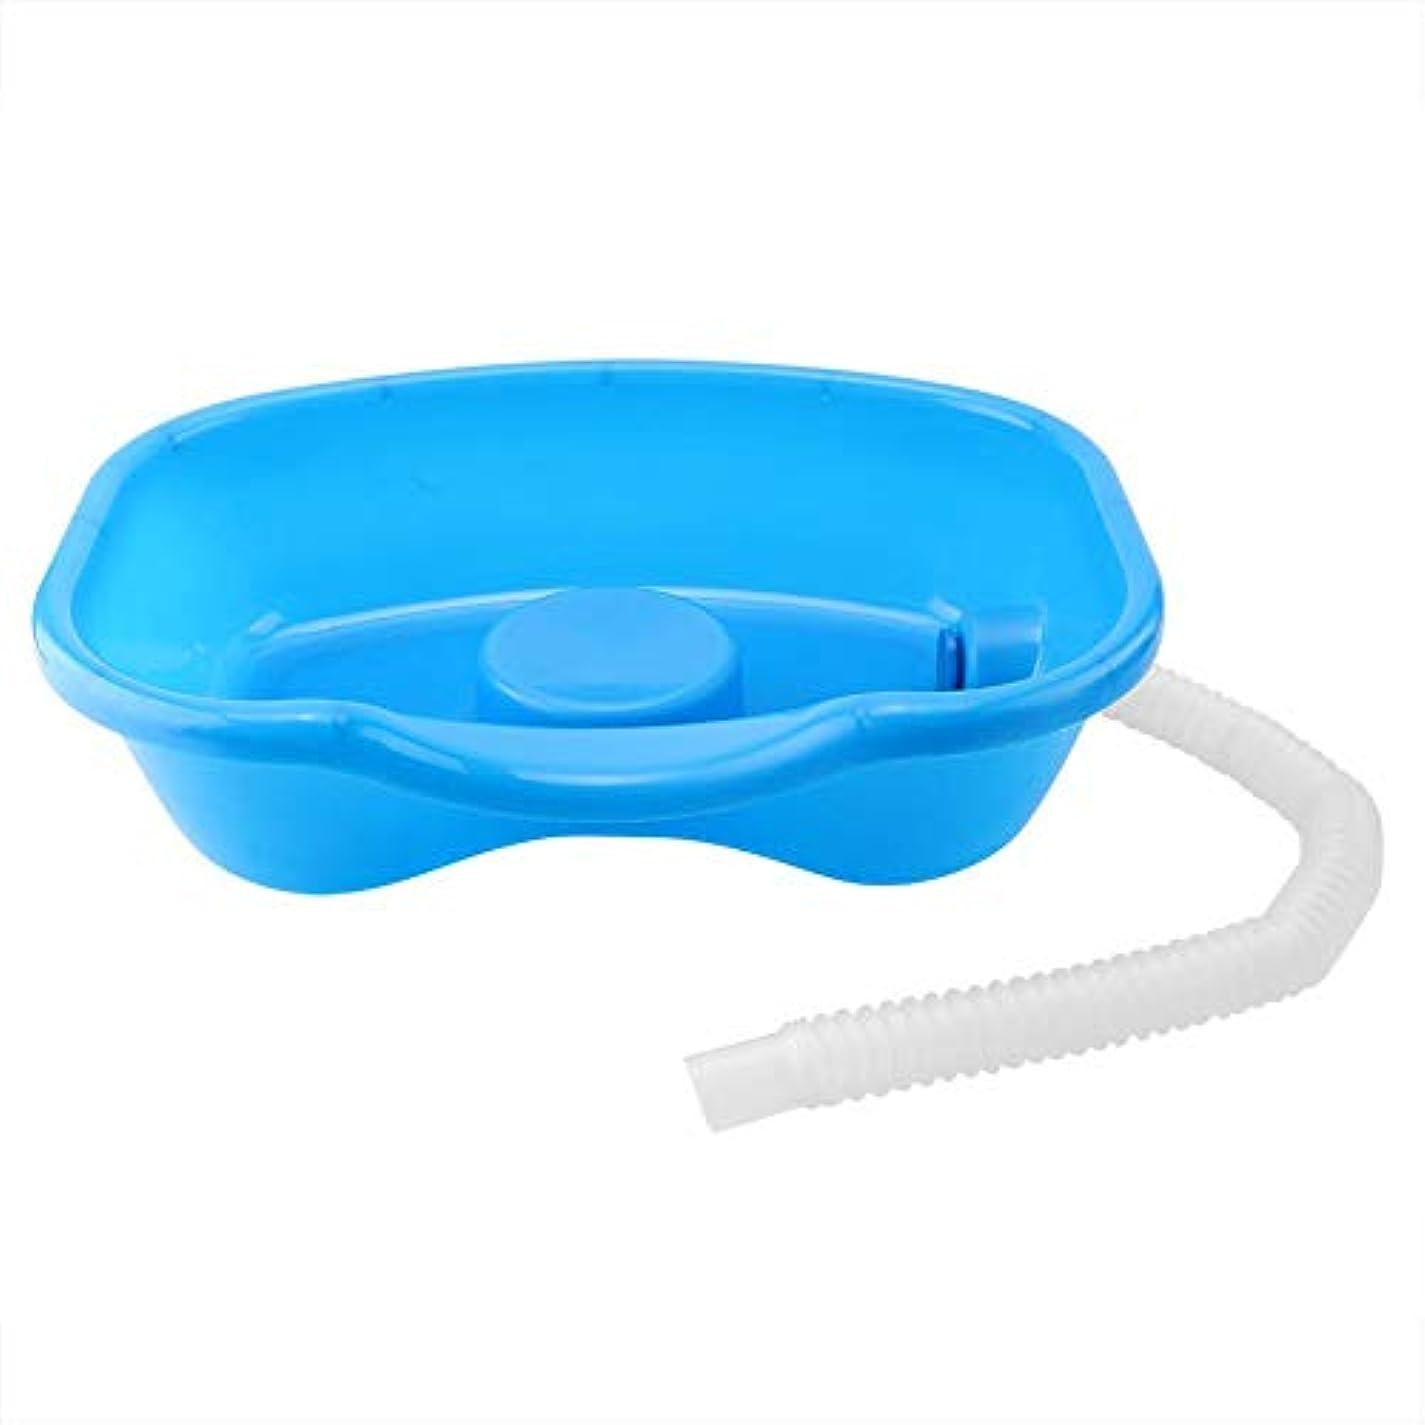 重要性ローンヨーグルトシャンプー洗面器、医療用洗面器無効シャンプー洗面器厚いベッド髪を洗うトレイプラスチック障害者、障害者、高齢者、寝たきりの人に適しています